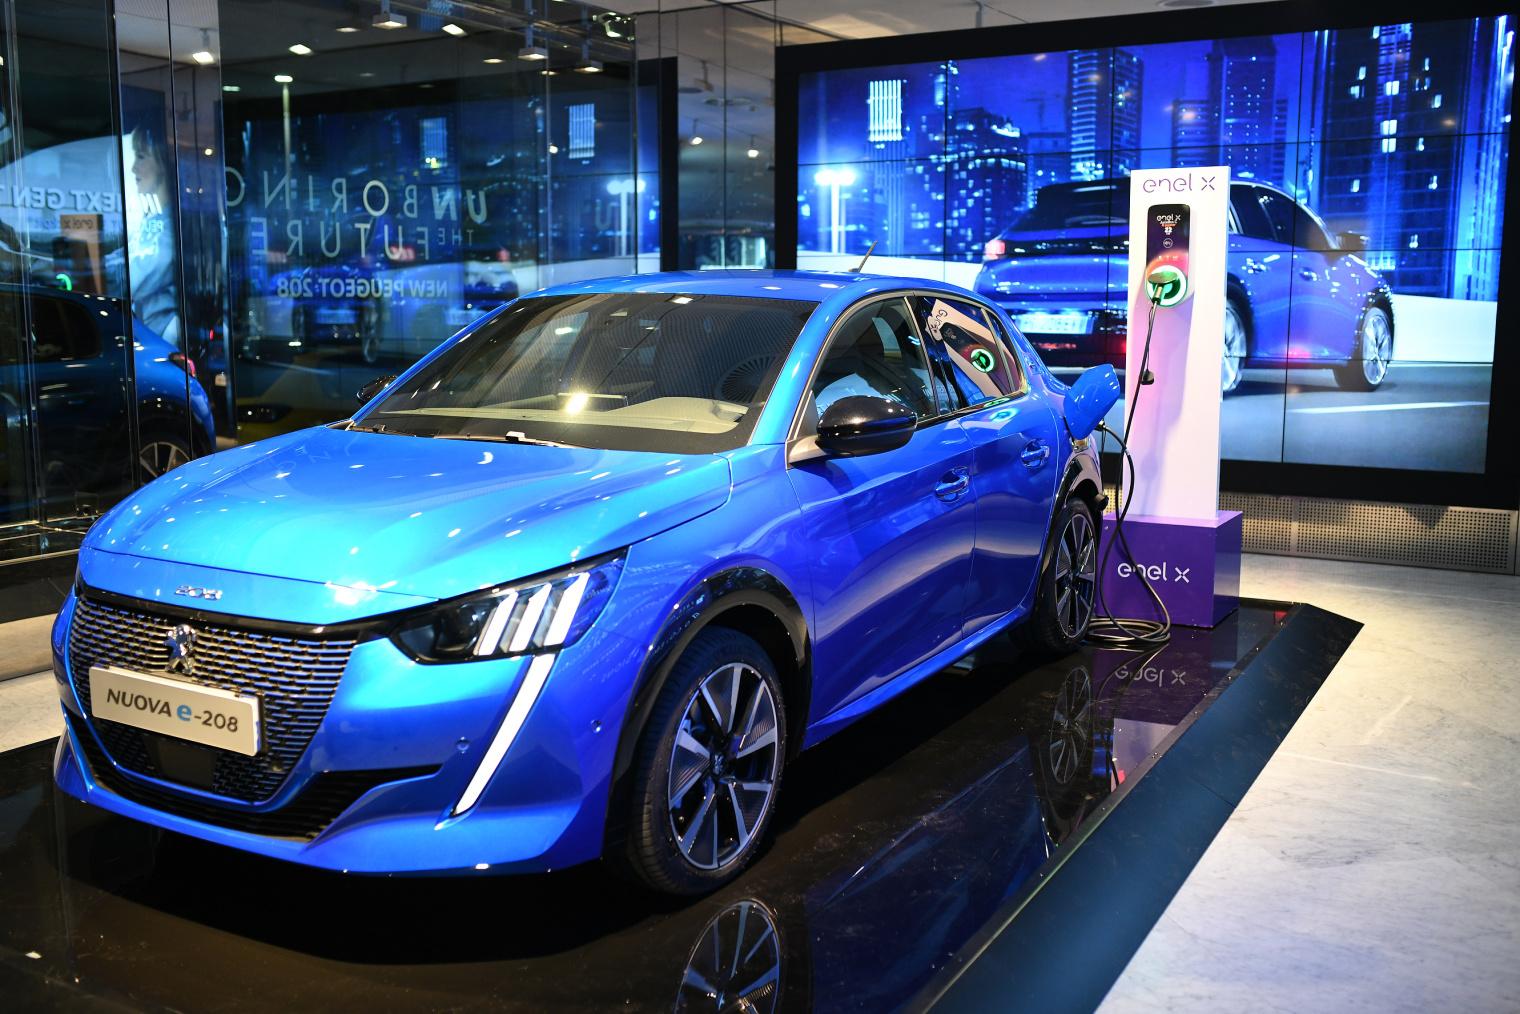 Groupe PSA Enel X ricarica auto elettriche